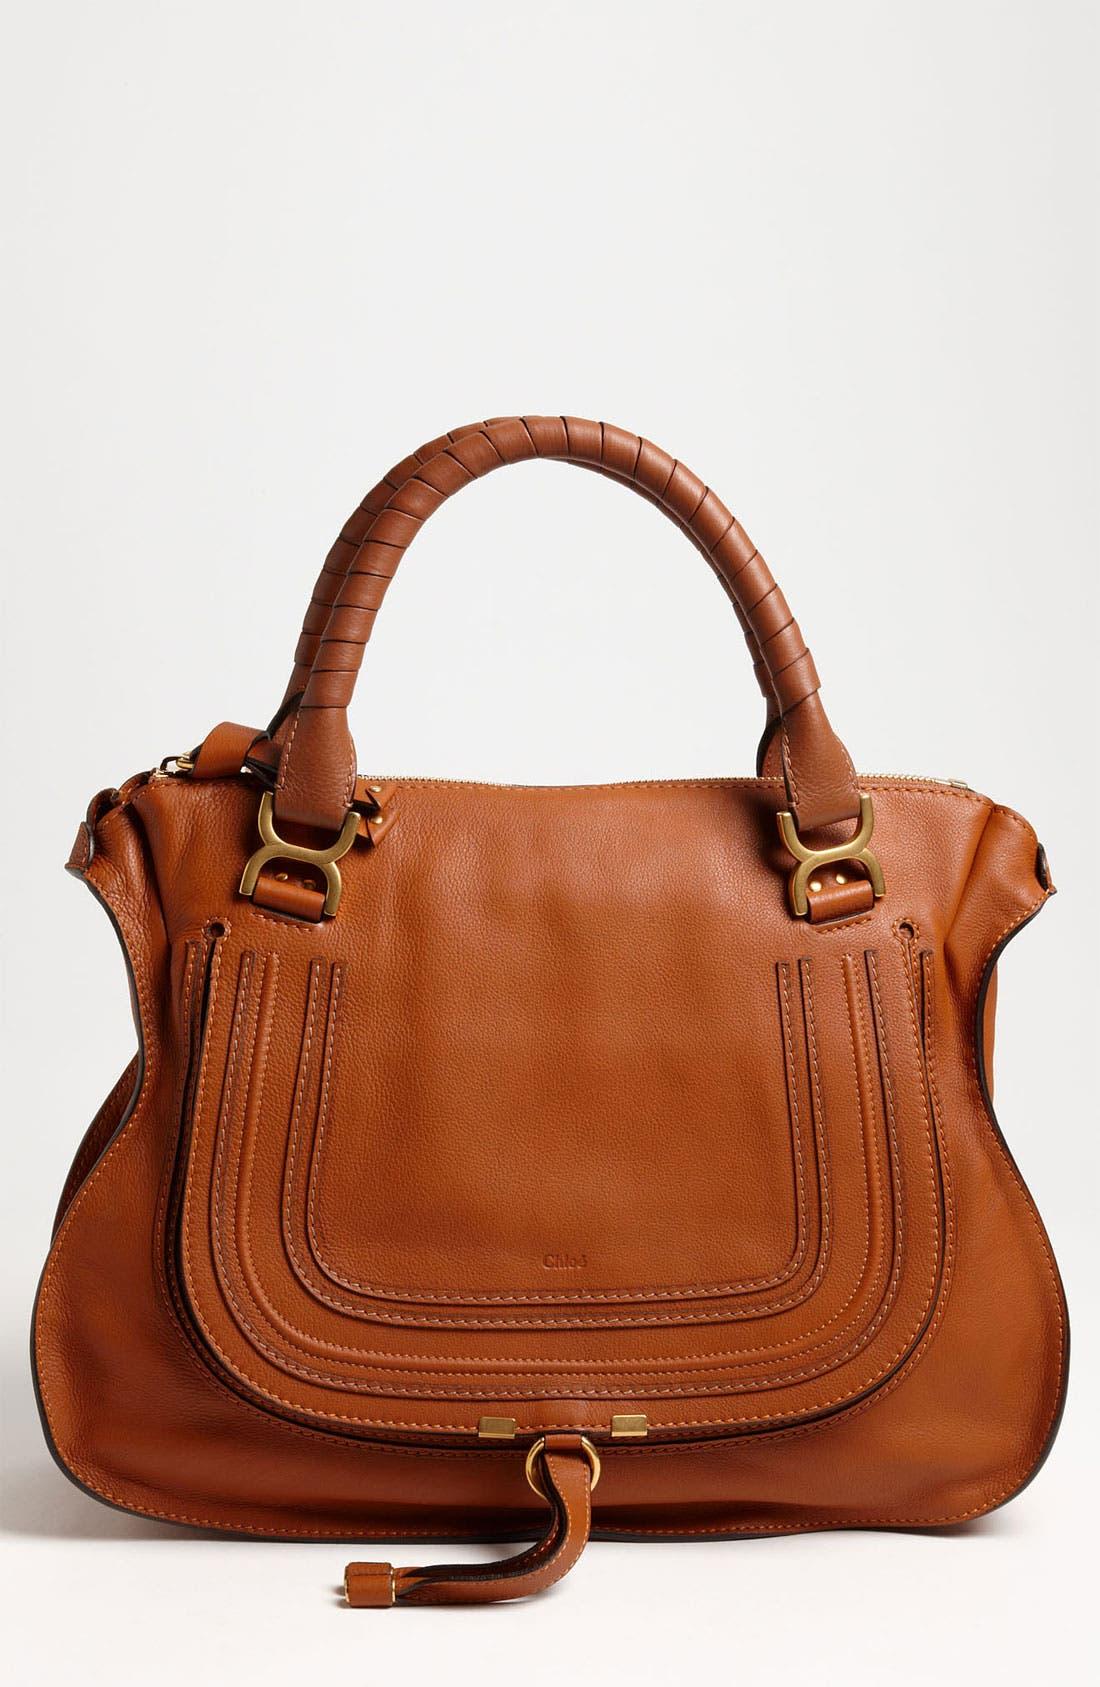 Chloé Large Marcie Leather Satchel